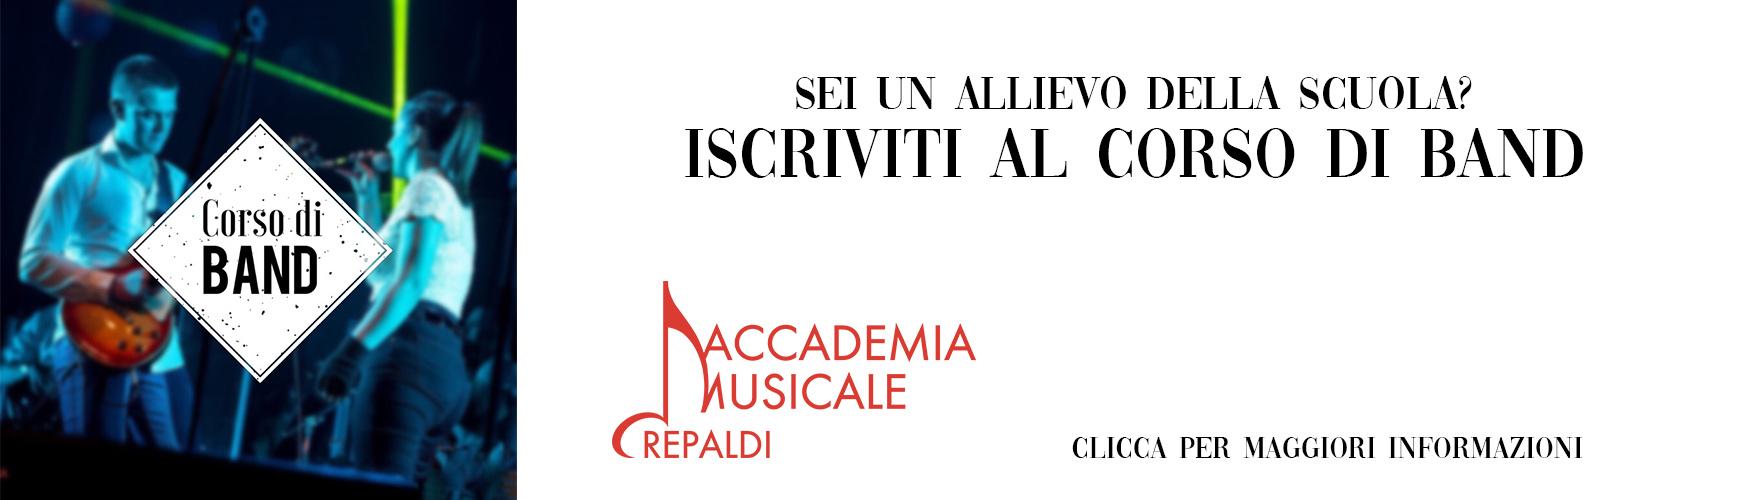 Corso di Band 19/20 - Accademia Musicale Crepaldi